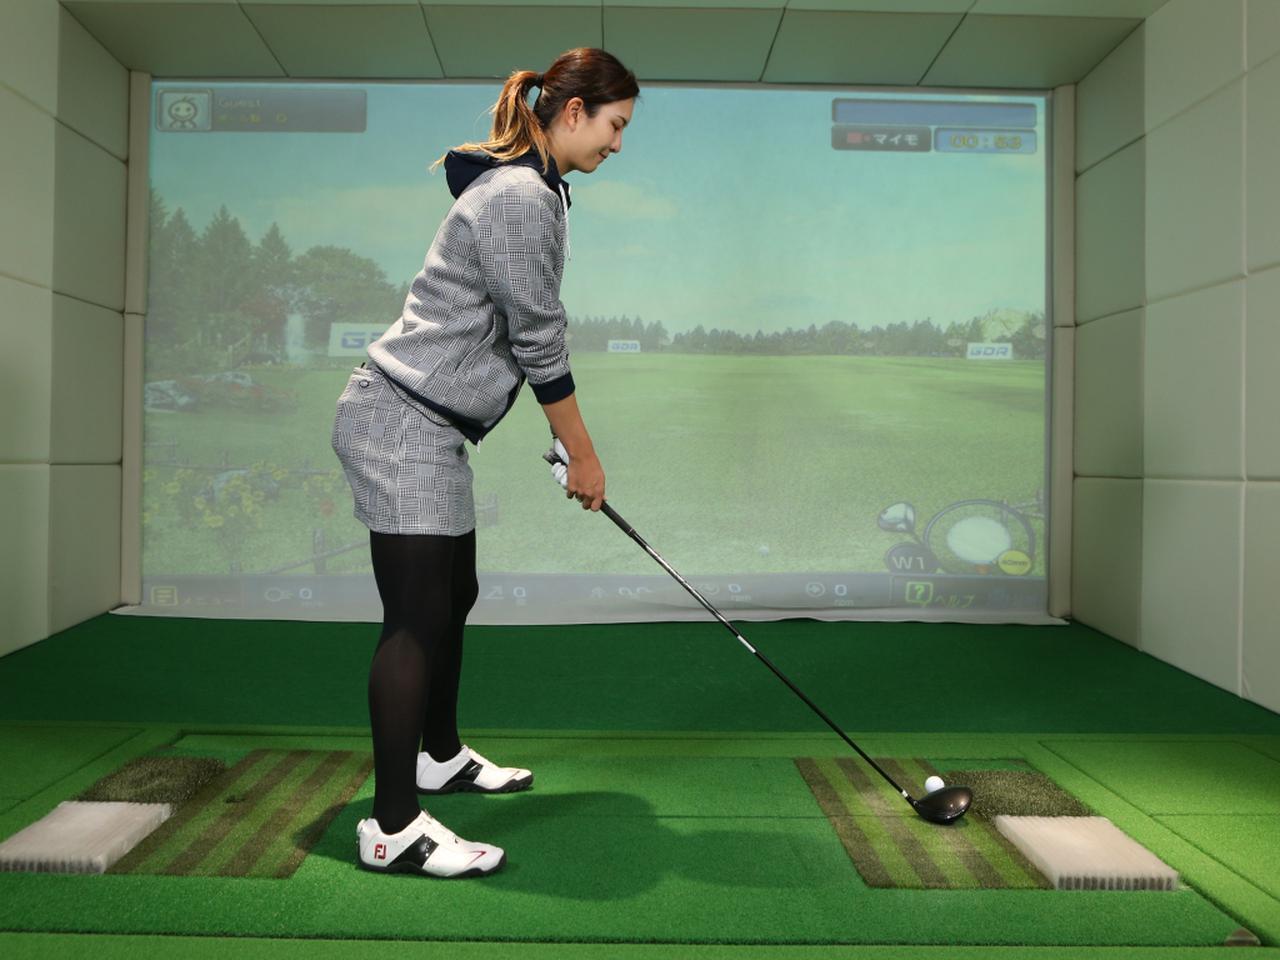 画像: クラブを正しく置いた状態で、左腕は左肩から地面に対し垂直に下りた位置でグリップし、かつ体とゴルフグリップの間に拳1.5~2個ぶん程度の隙間を空ける。重心は両足の母指球辺りに乗せよう